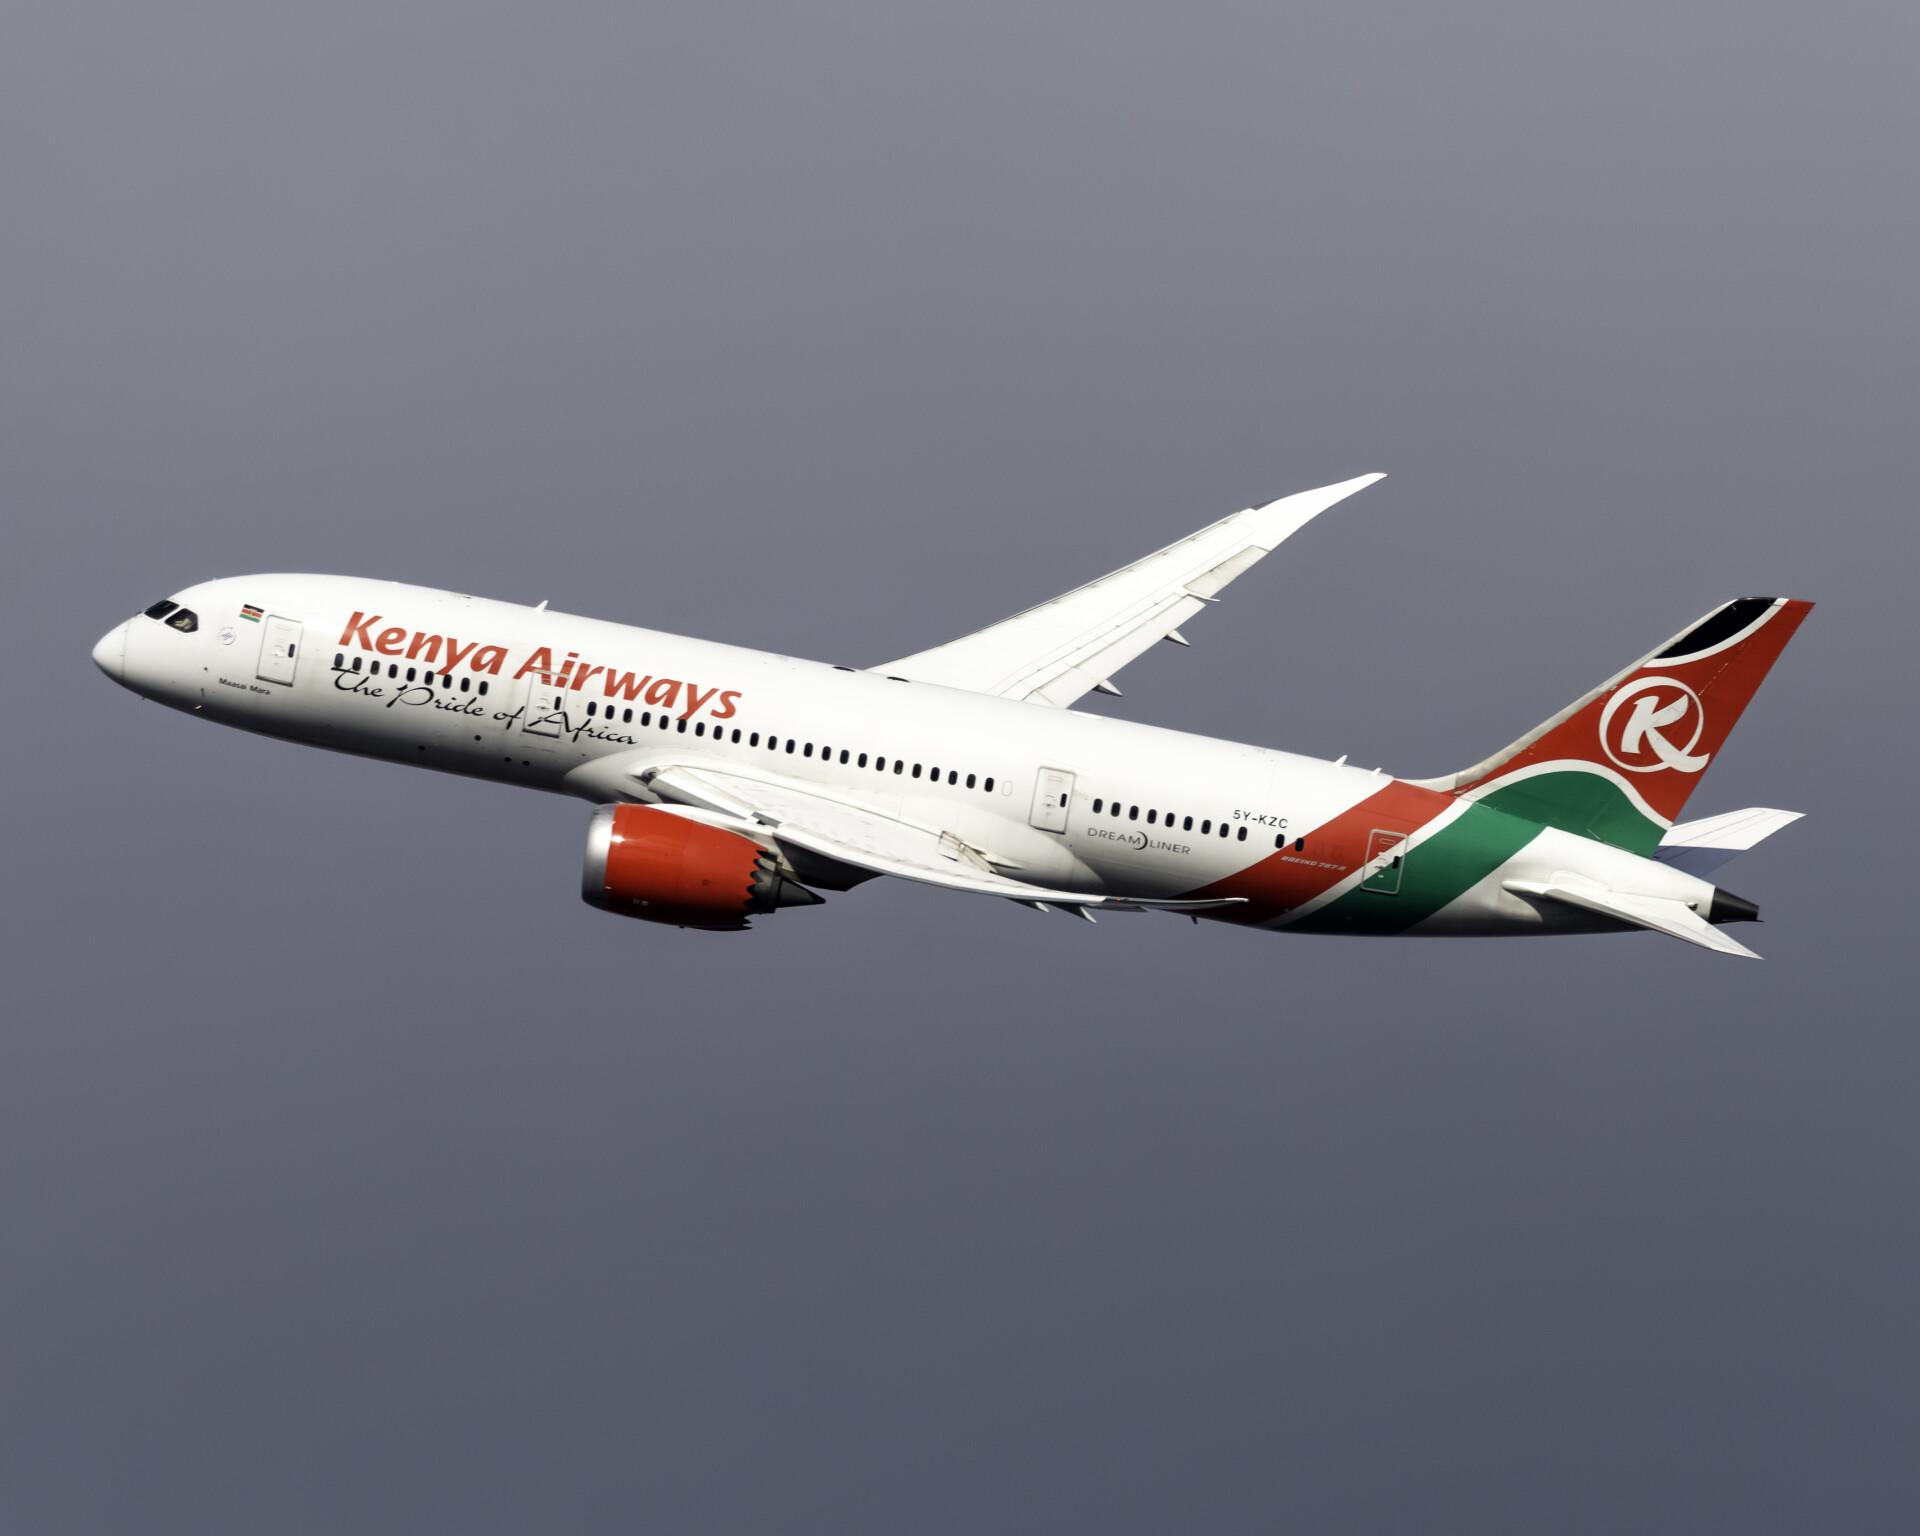 Kenya Airways Boeing 787 Lost Communication Over Germany